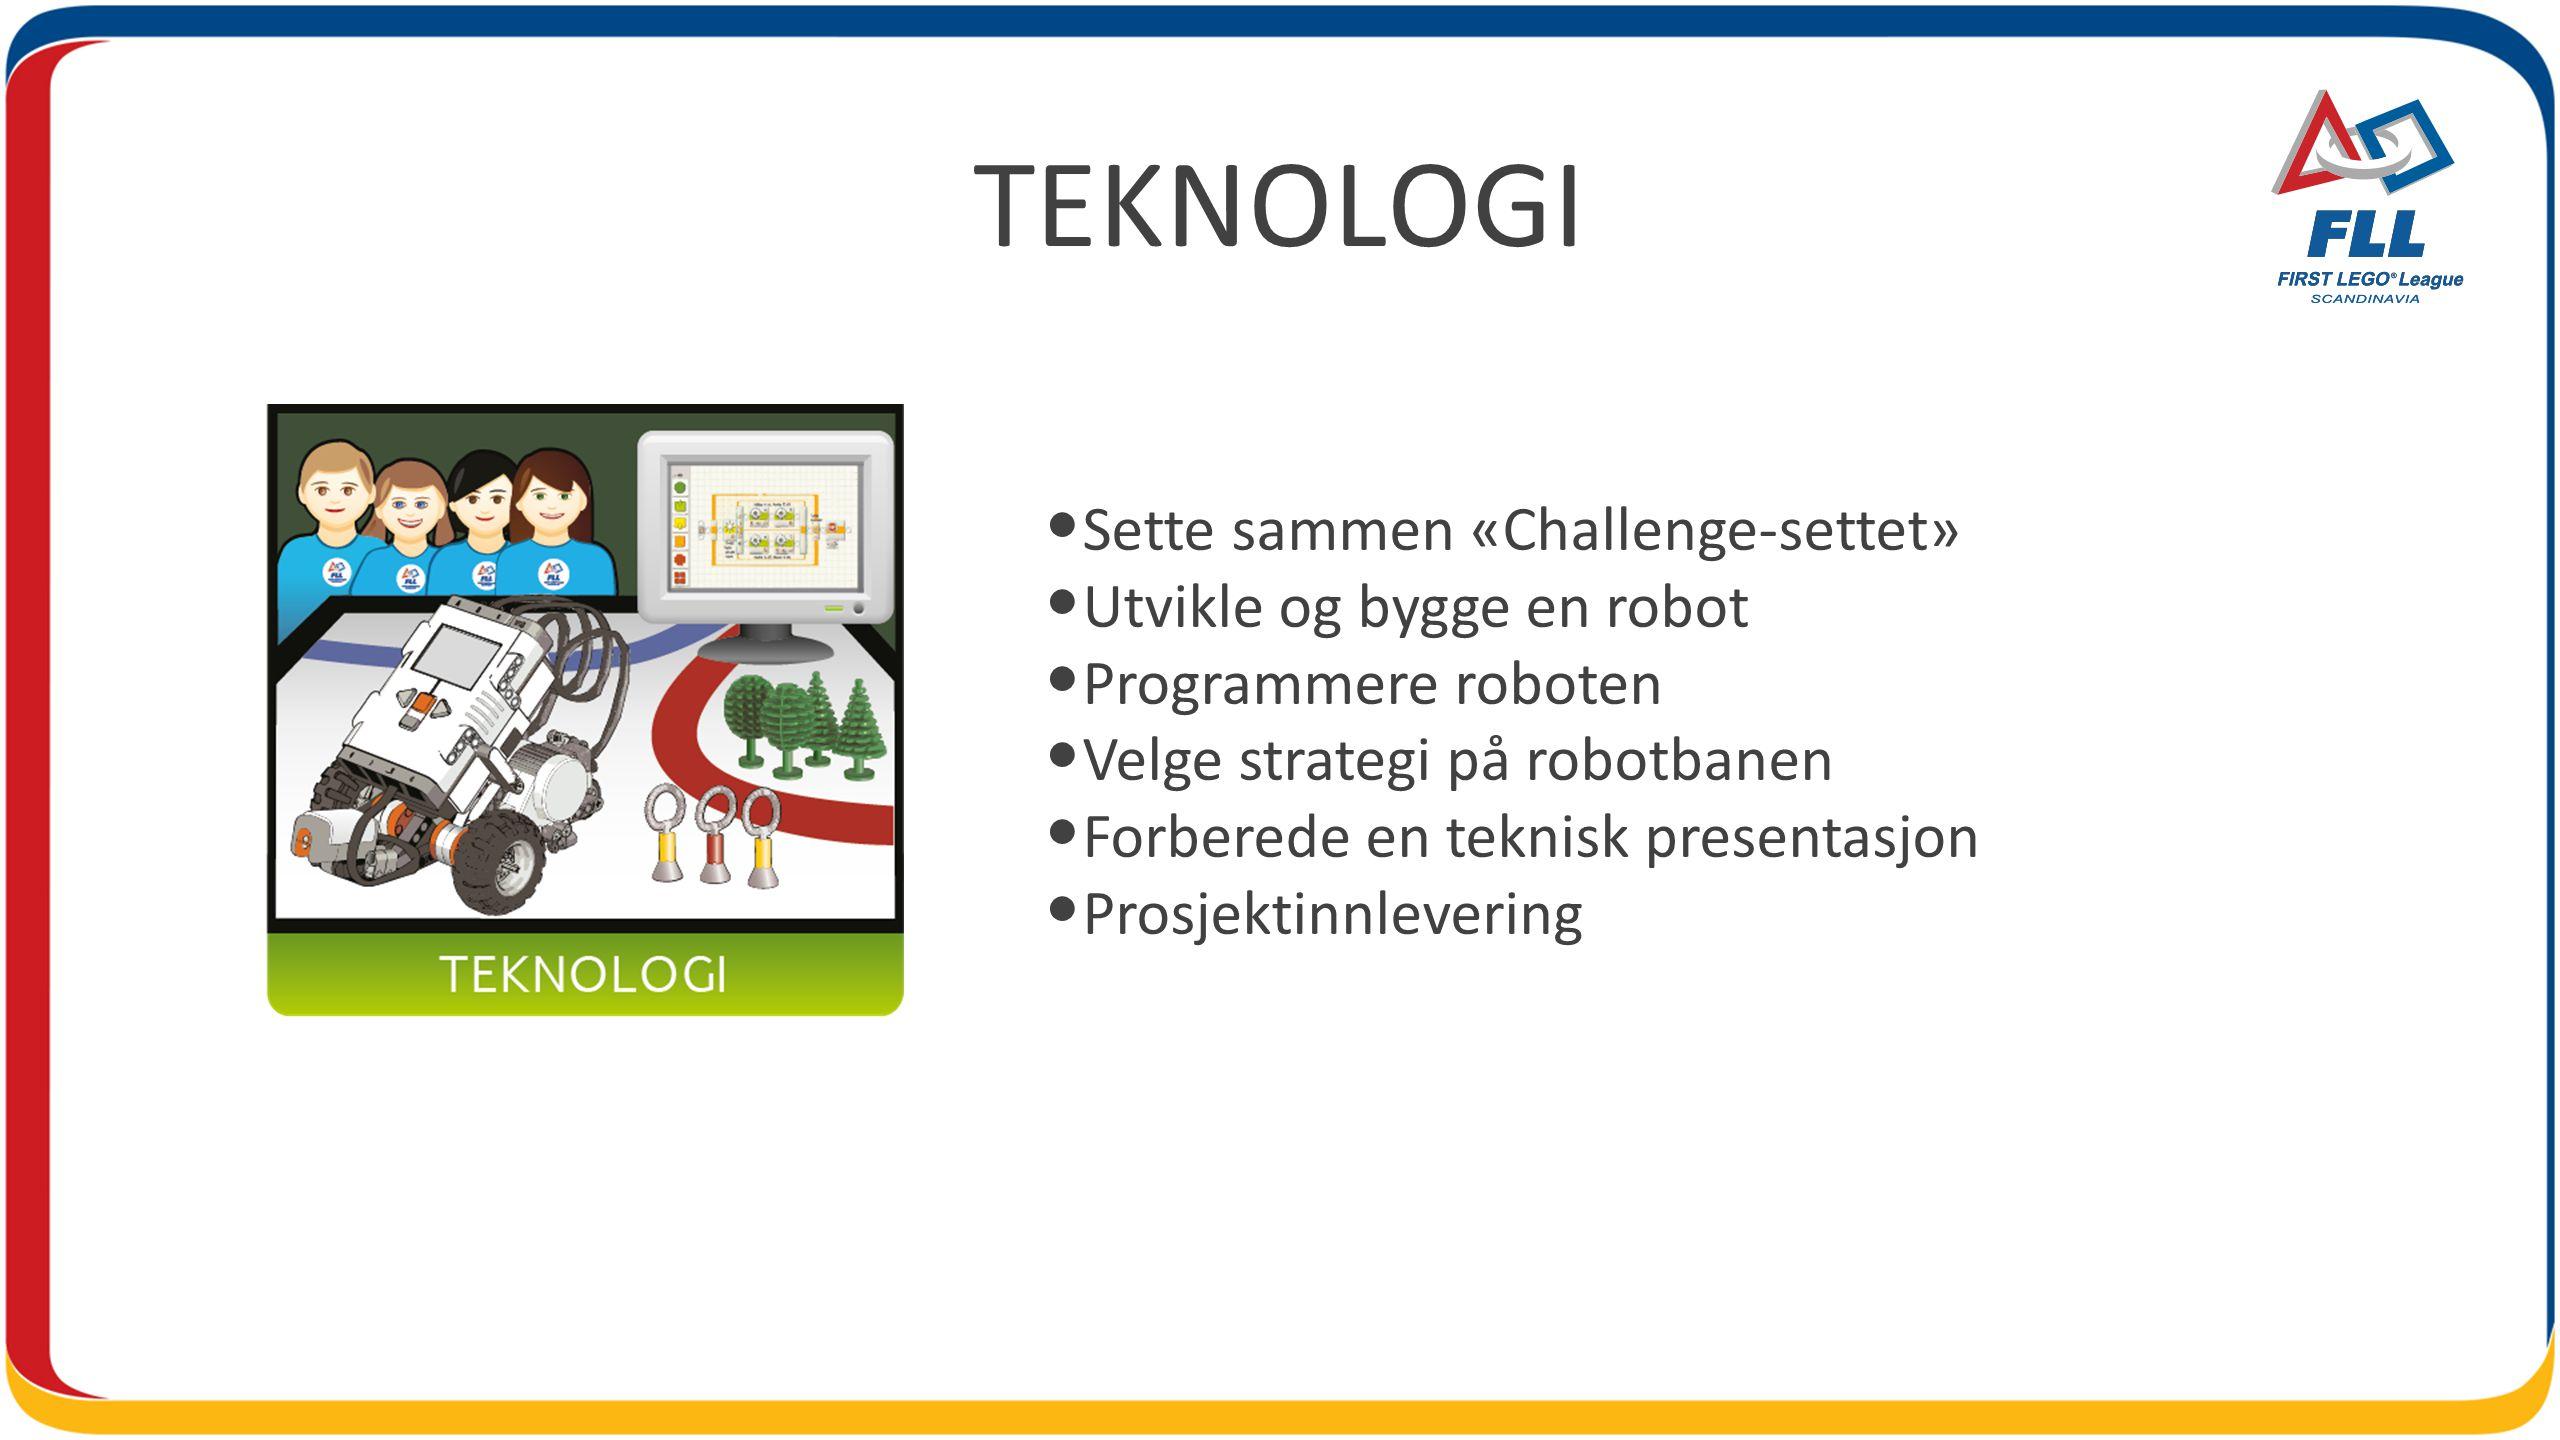 TEKNOLOGI • Sette sammen «Challenge-settet» • Utvikle og bygge en robot • Programmere roboten • Velge strategi på robotbanen • Forberede en teknisk presentasjon • Prosjektinnlevering